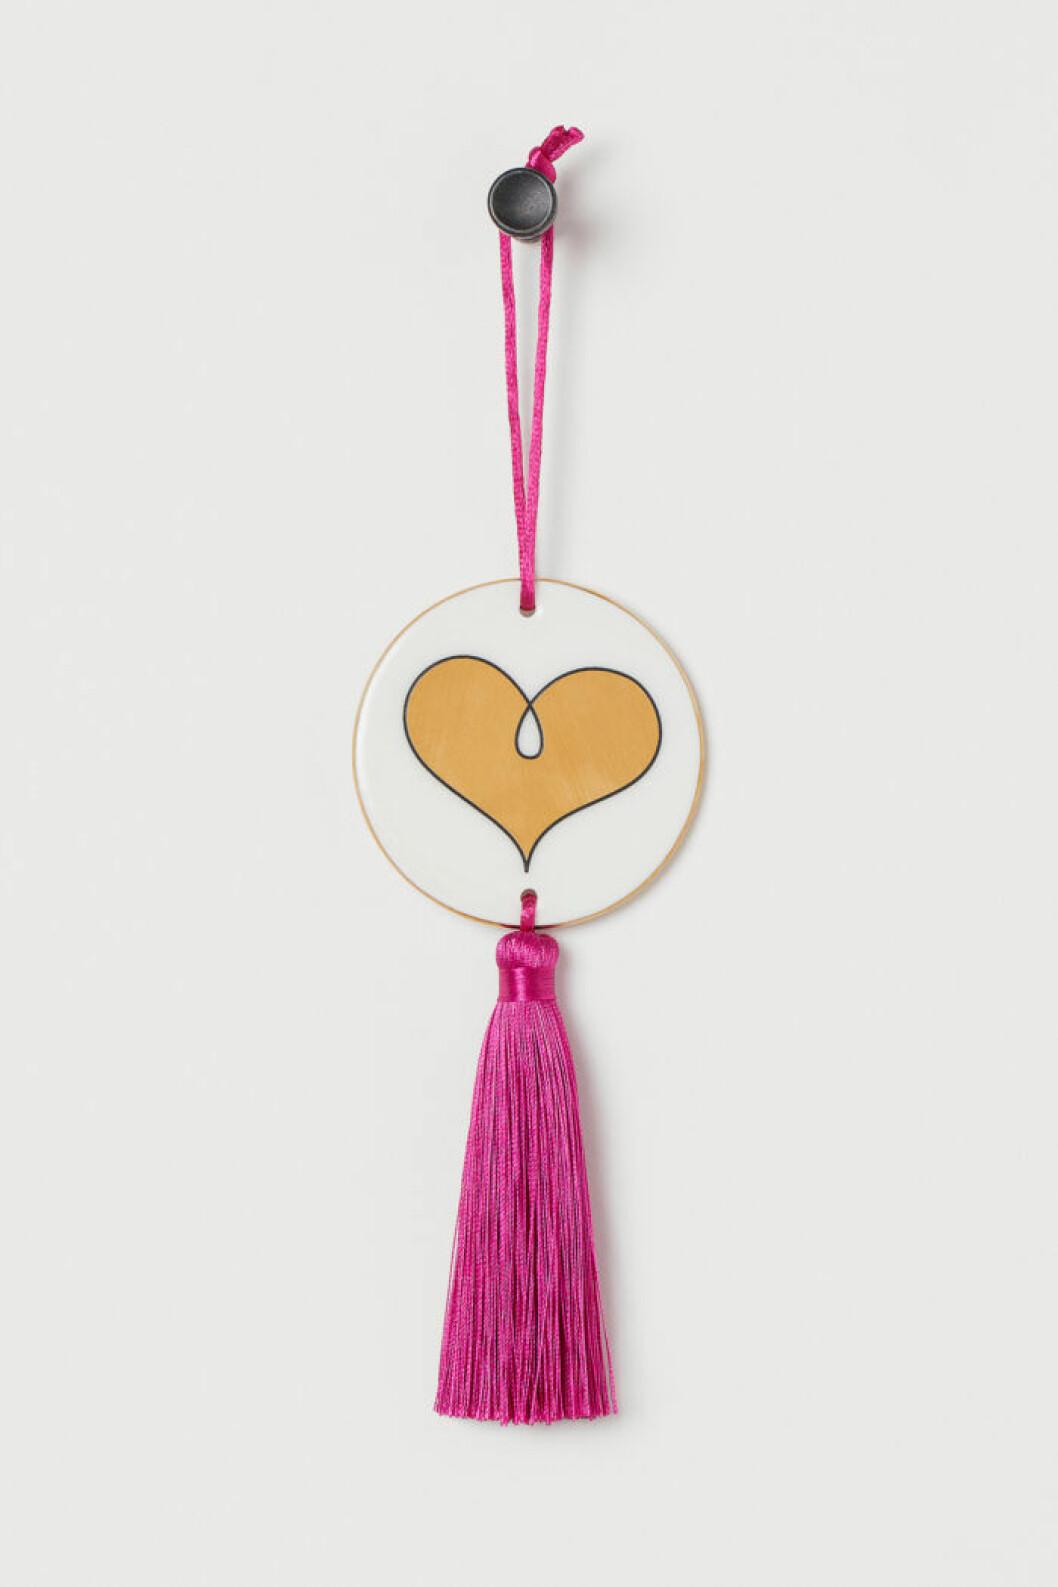 Inredningsdetalj med hjärta och rosa tofs från Jonathan Adler x H&M